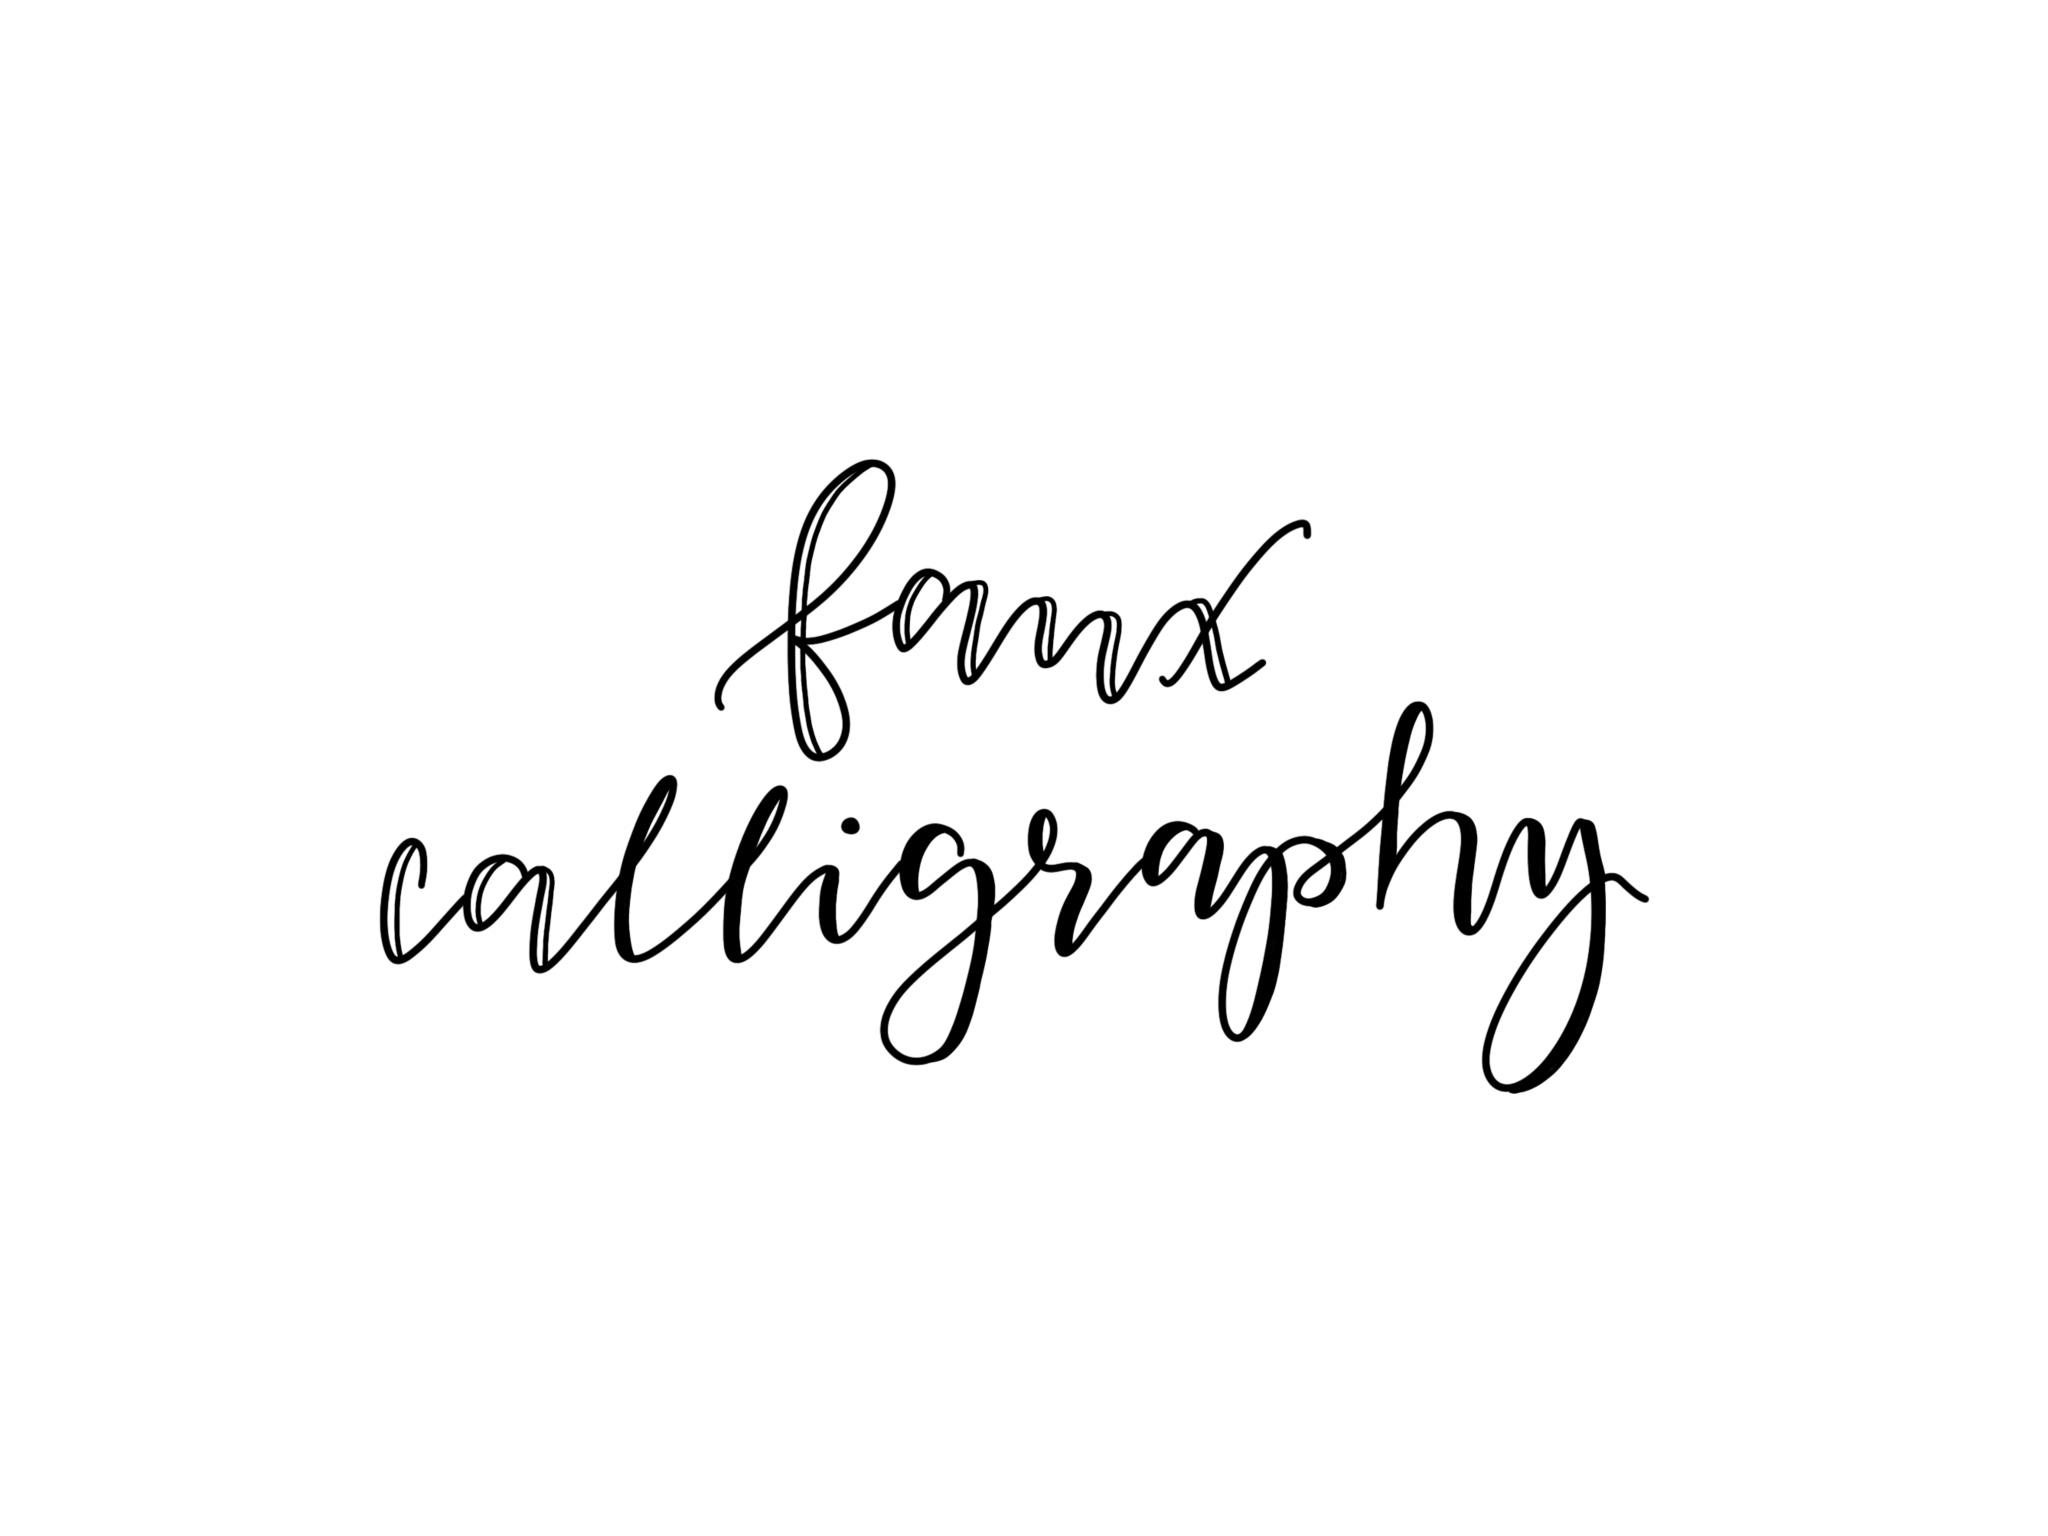 Faux Calligraphy falsche Kalligrafie Handlettering Lettering GoneCreating Gone Creating Workshop kreative Auszeit Ostschweiz Schweiz